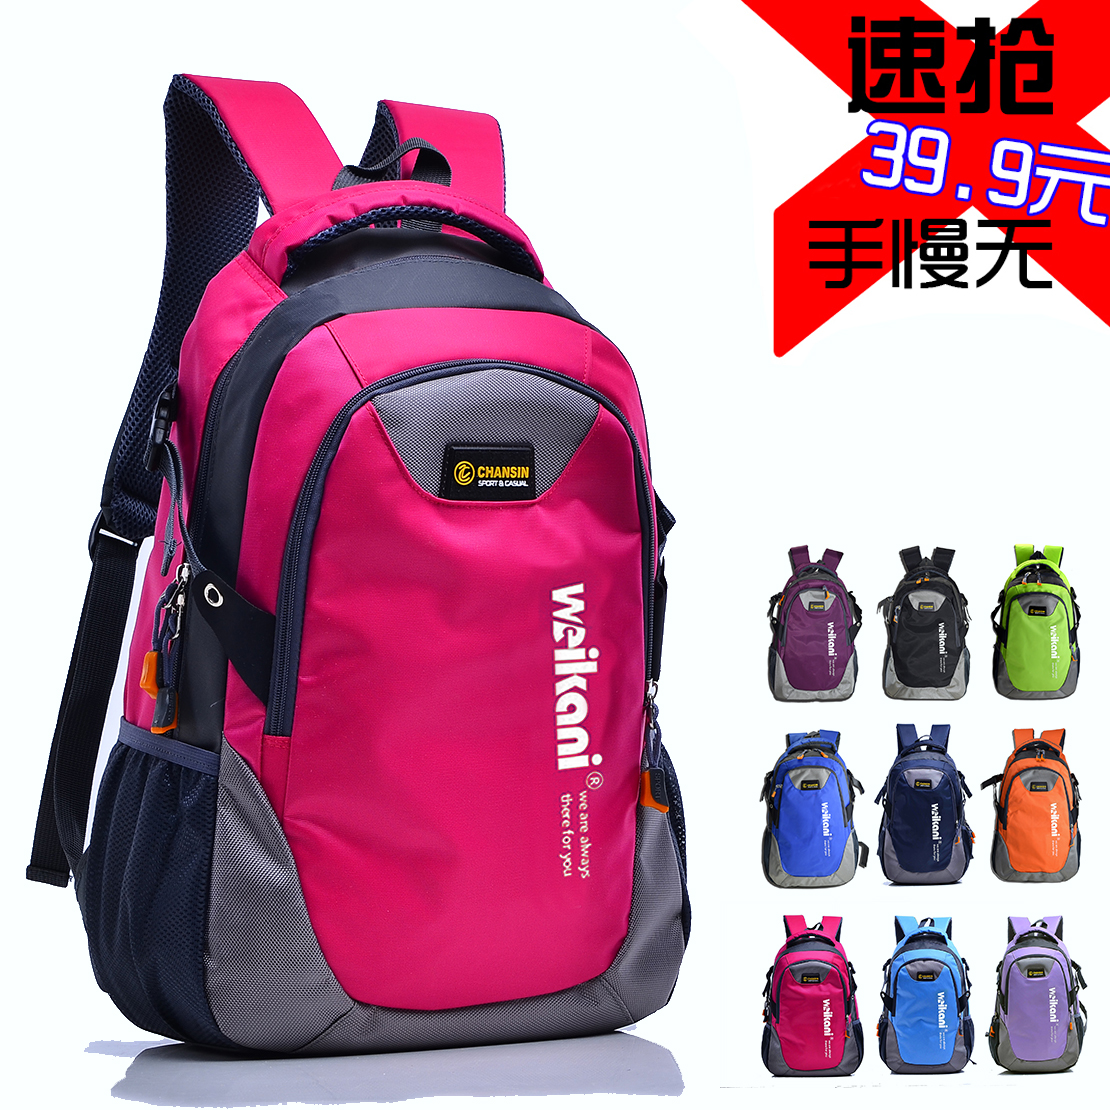 Случайный легкий свет корейский осень на открытом воздухе верховая езда плечи движение портфель студент восхождение мужской и женщины путешествие 30L рюкзак